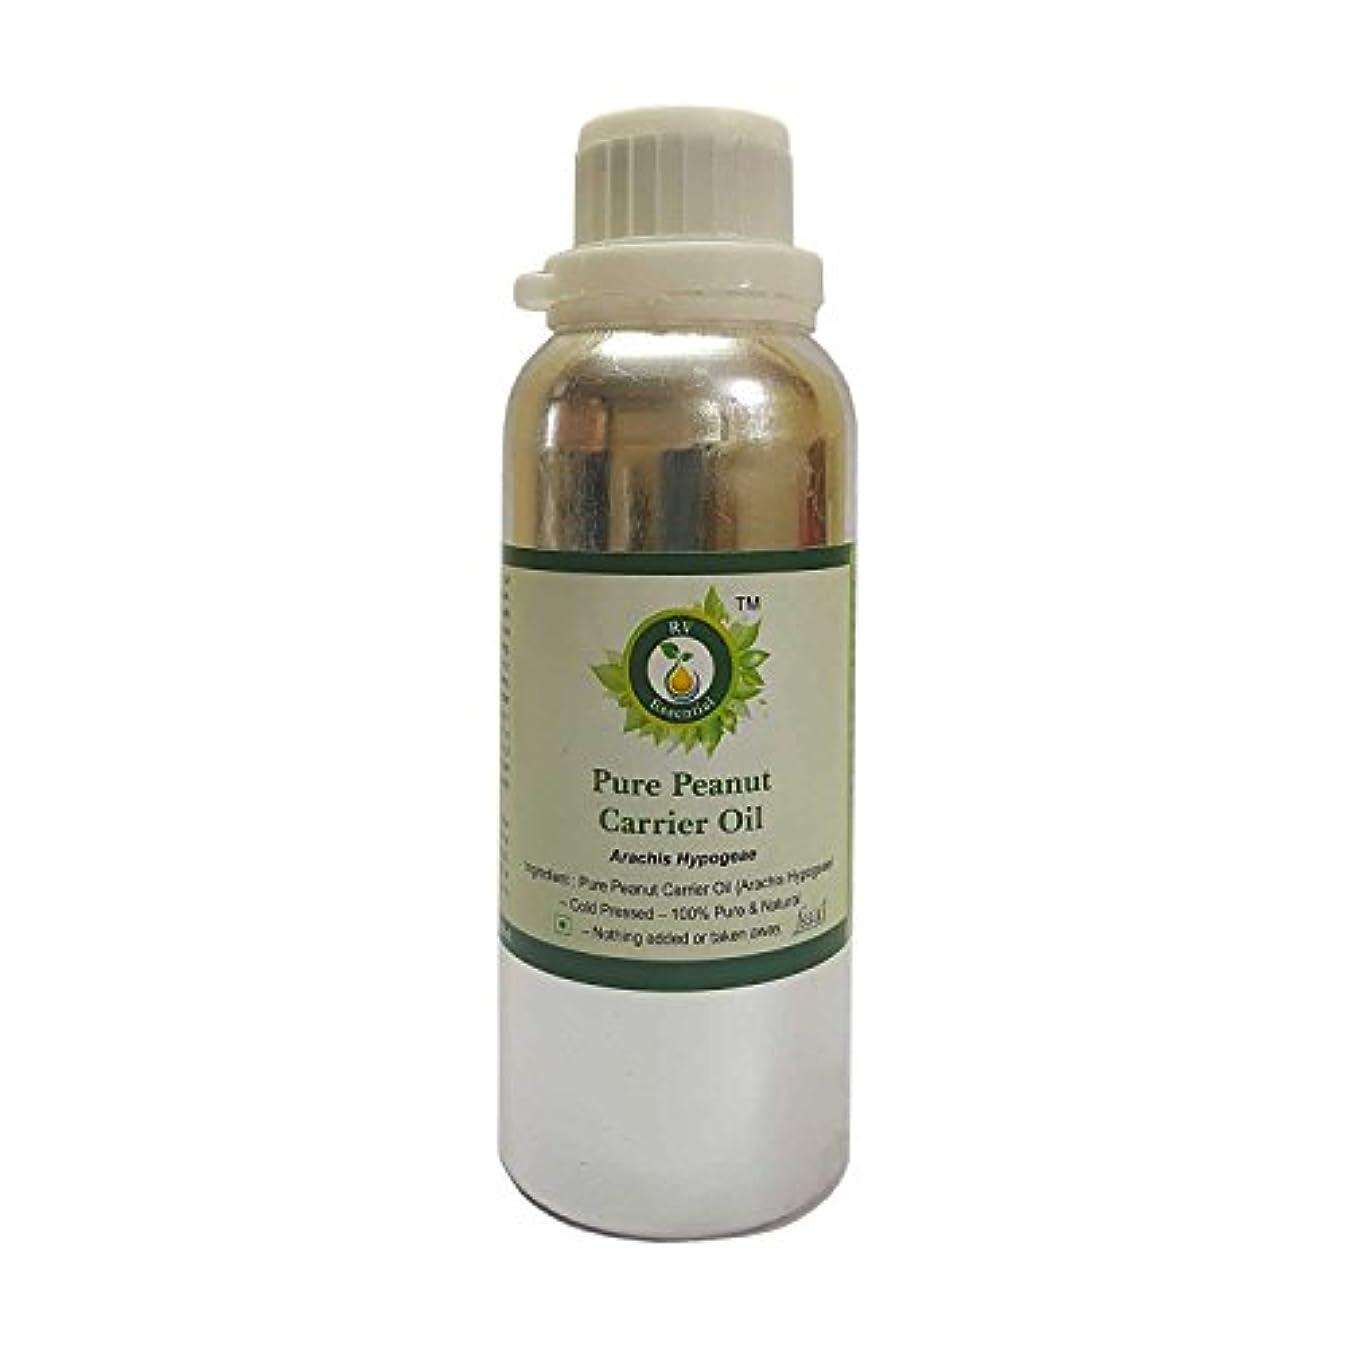 める抗議マウントR V Essential 純粋なピーナッツキャリアオイル1250ml (42oz)- Arachis Hypogeae (100%ピュア&ナチュラルコールドPressed) Pure Peanut Carrier Oil